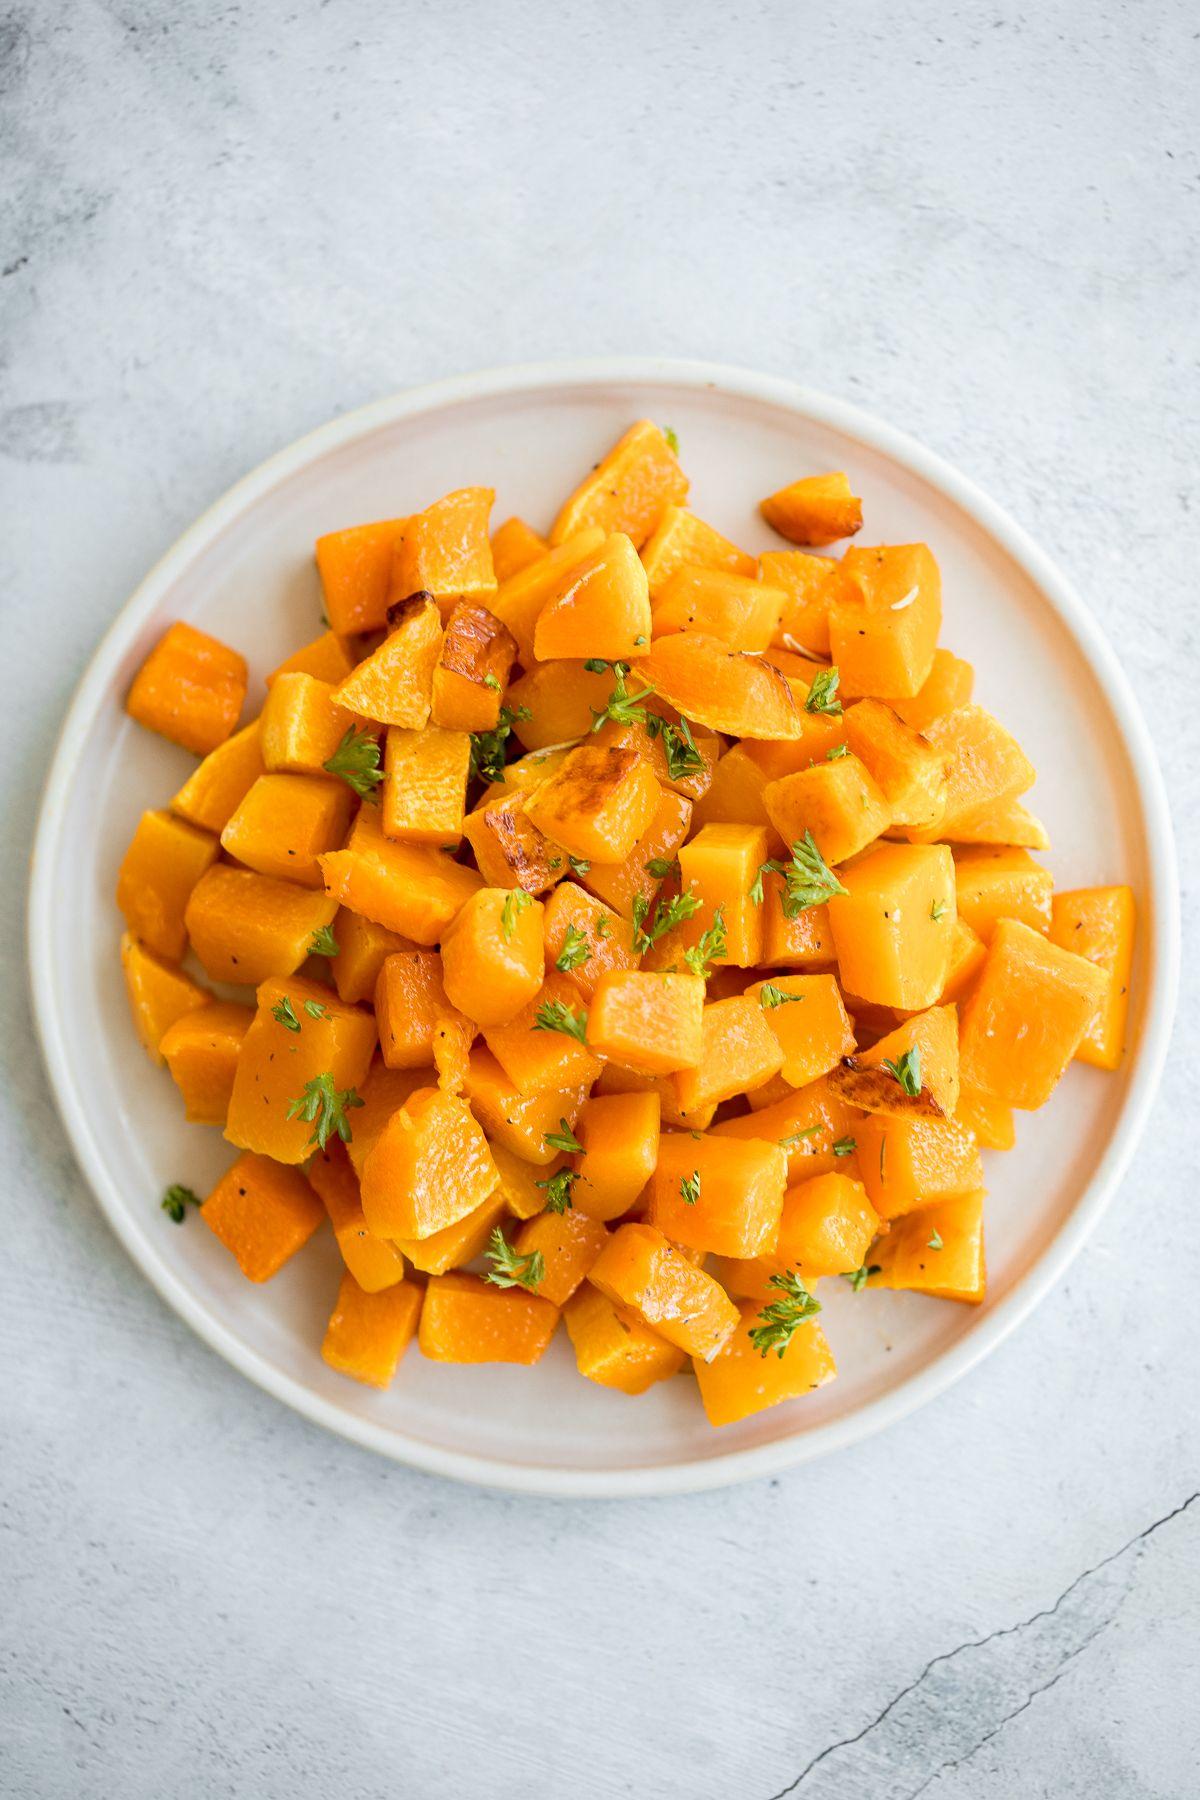 Roasted Butternut Squash Recipe In 2020 Roasted Butternut Vegetable Side Dishes Recipes Roasted Butternut Squash